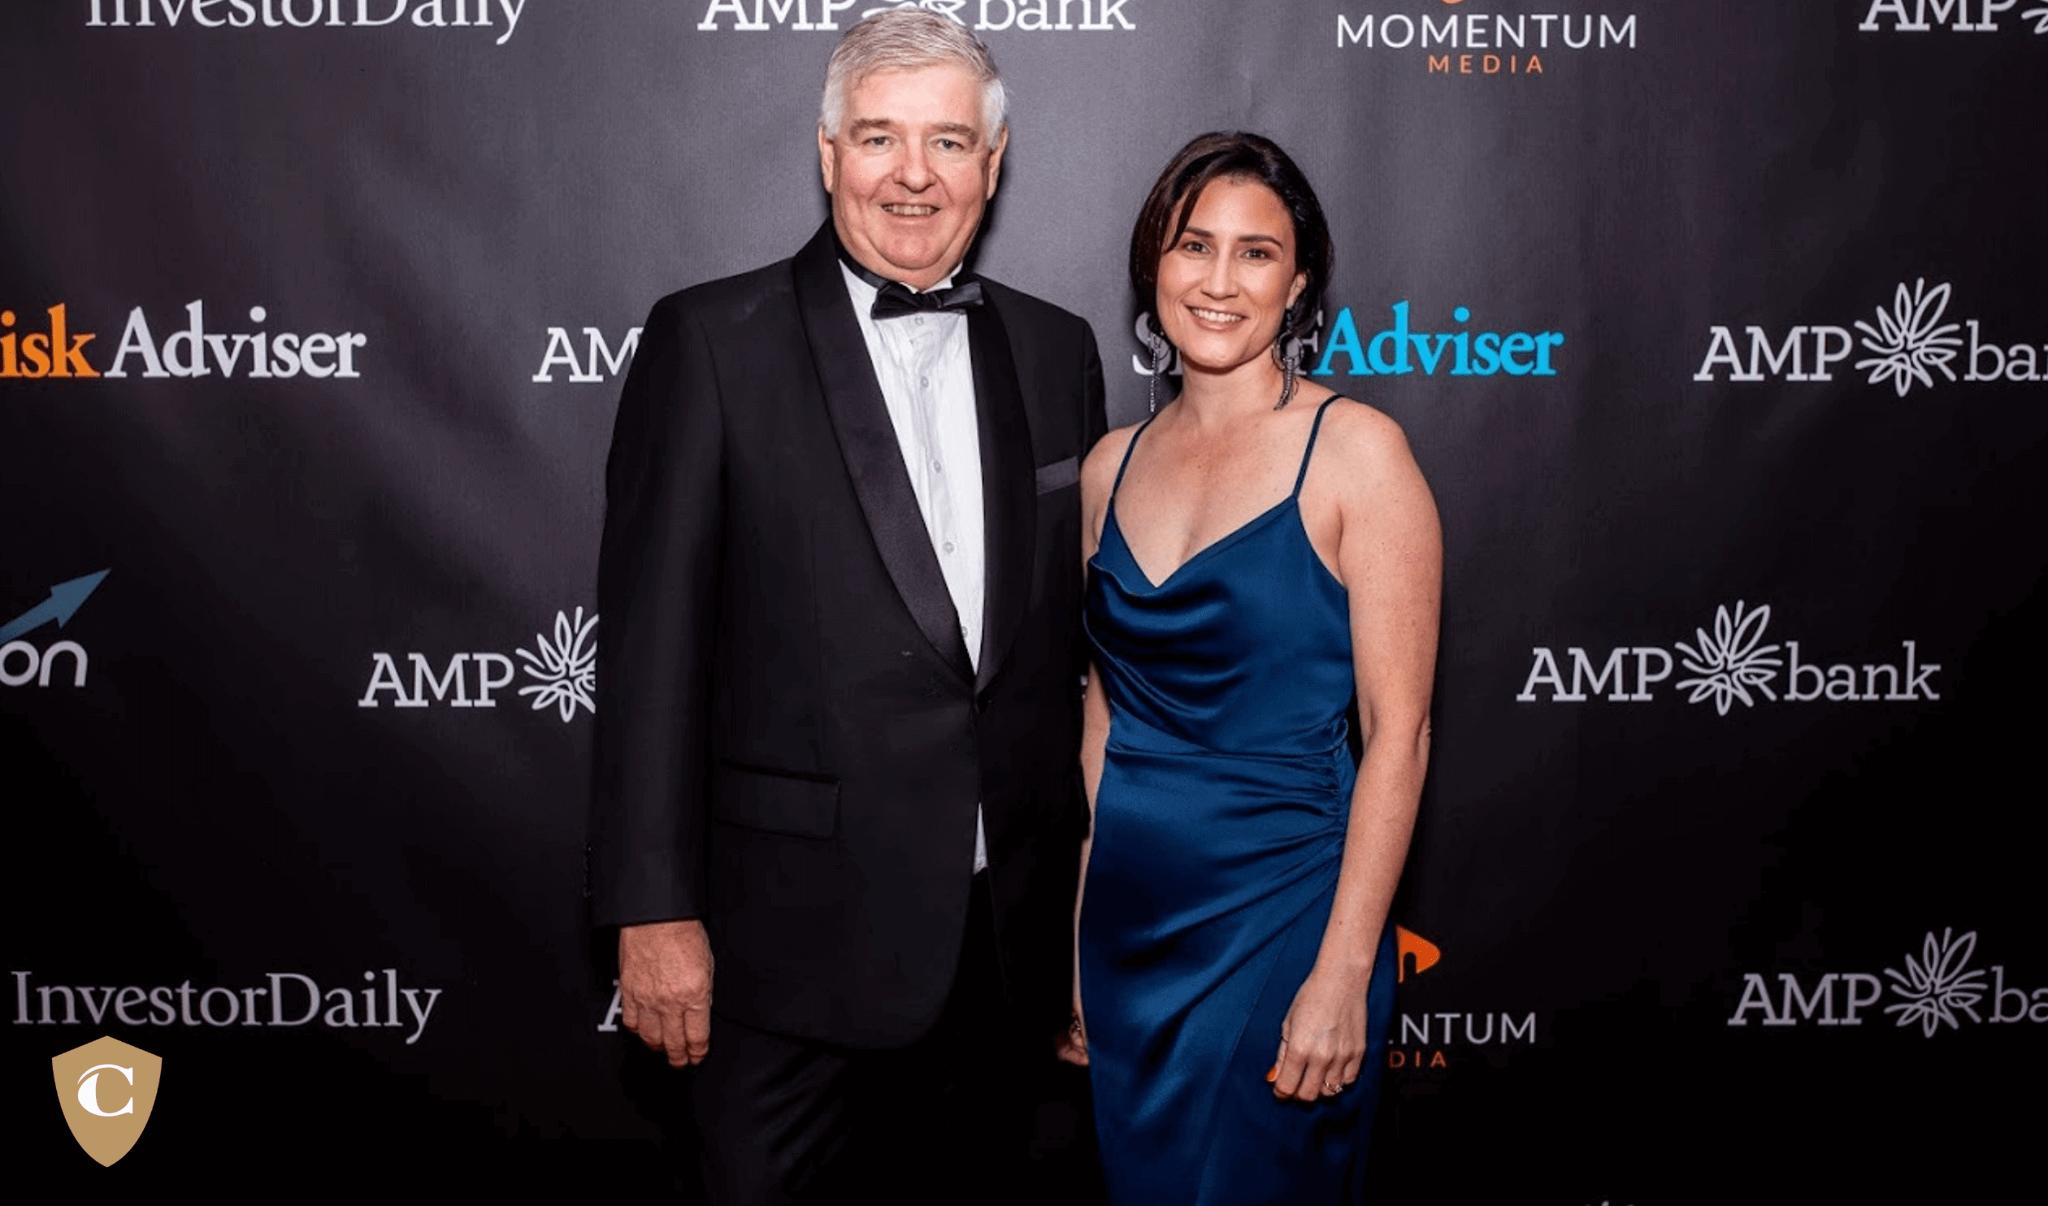 Women In Finance Awards Night 2019 (1)